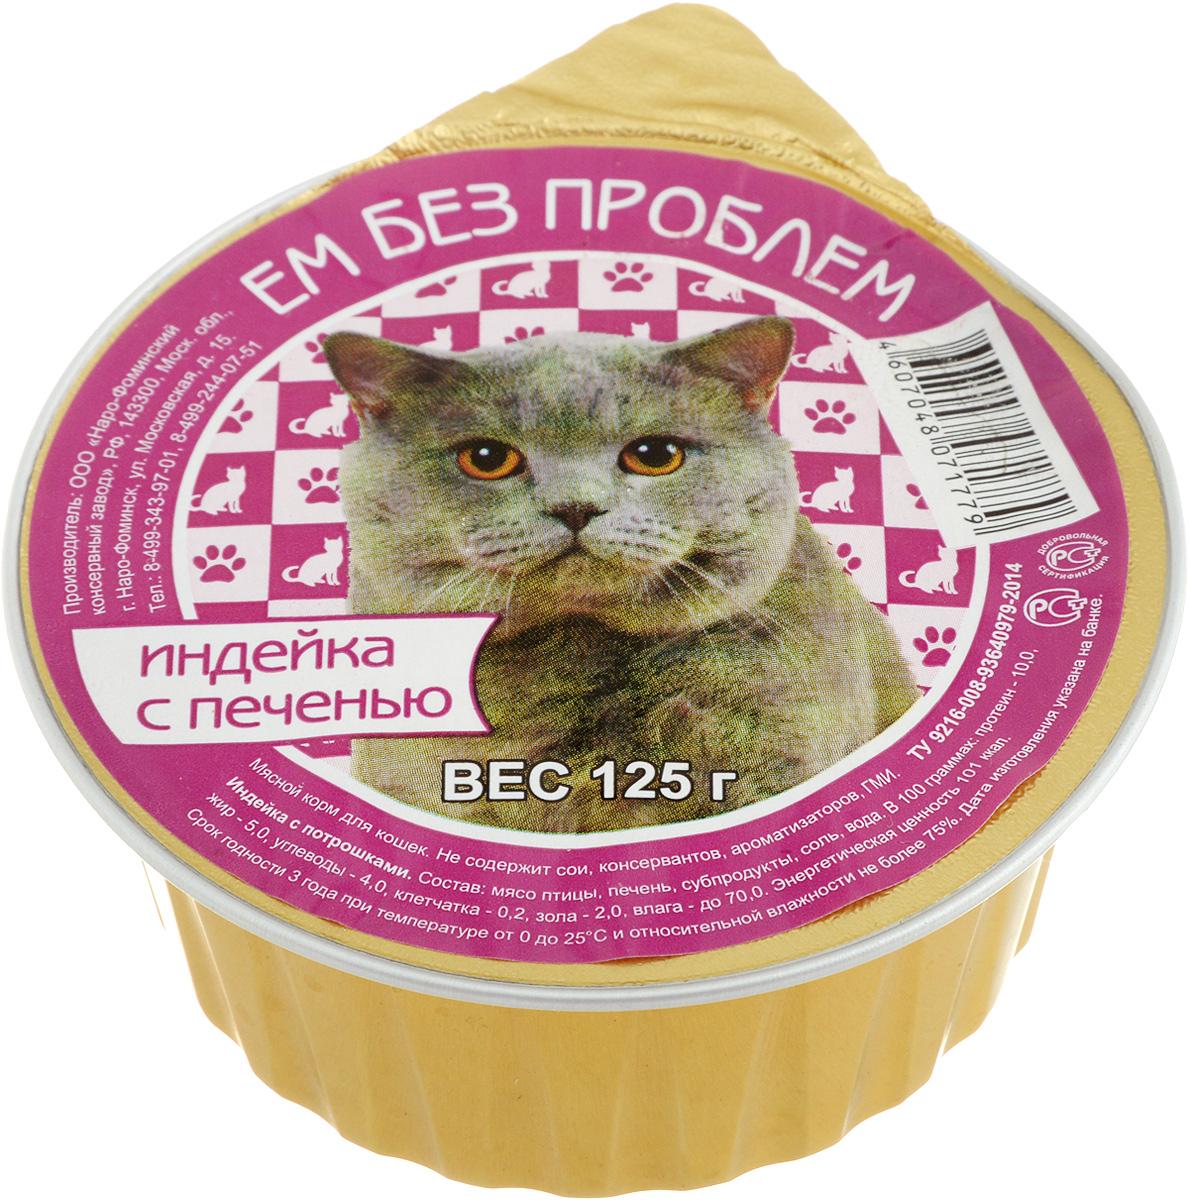 Консервы для кошек Ем без проблем, индейка с печенью, 125 г консервы для собак ем без проблем зооменю барашек с рисом 750 г